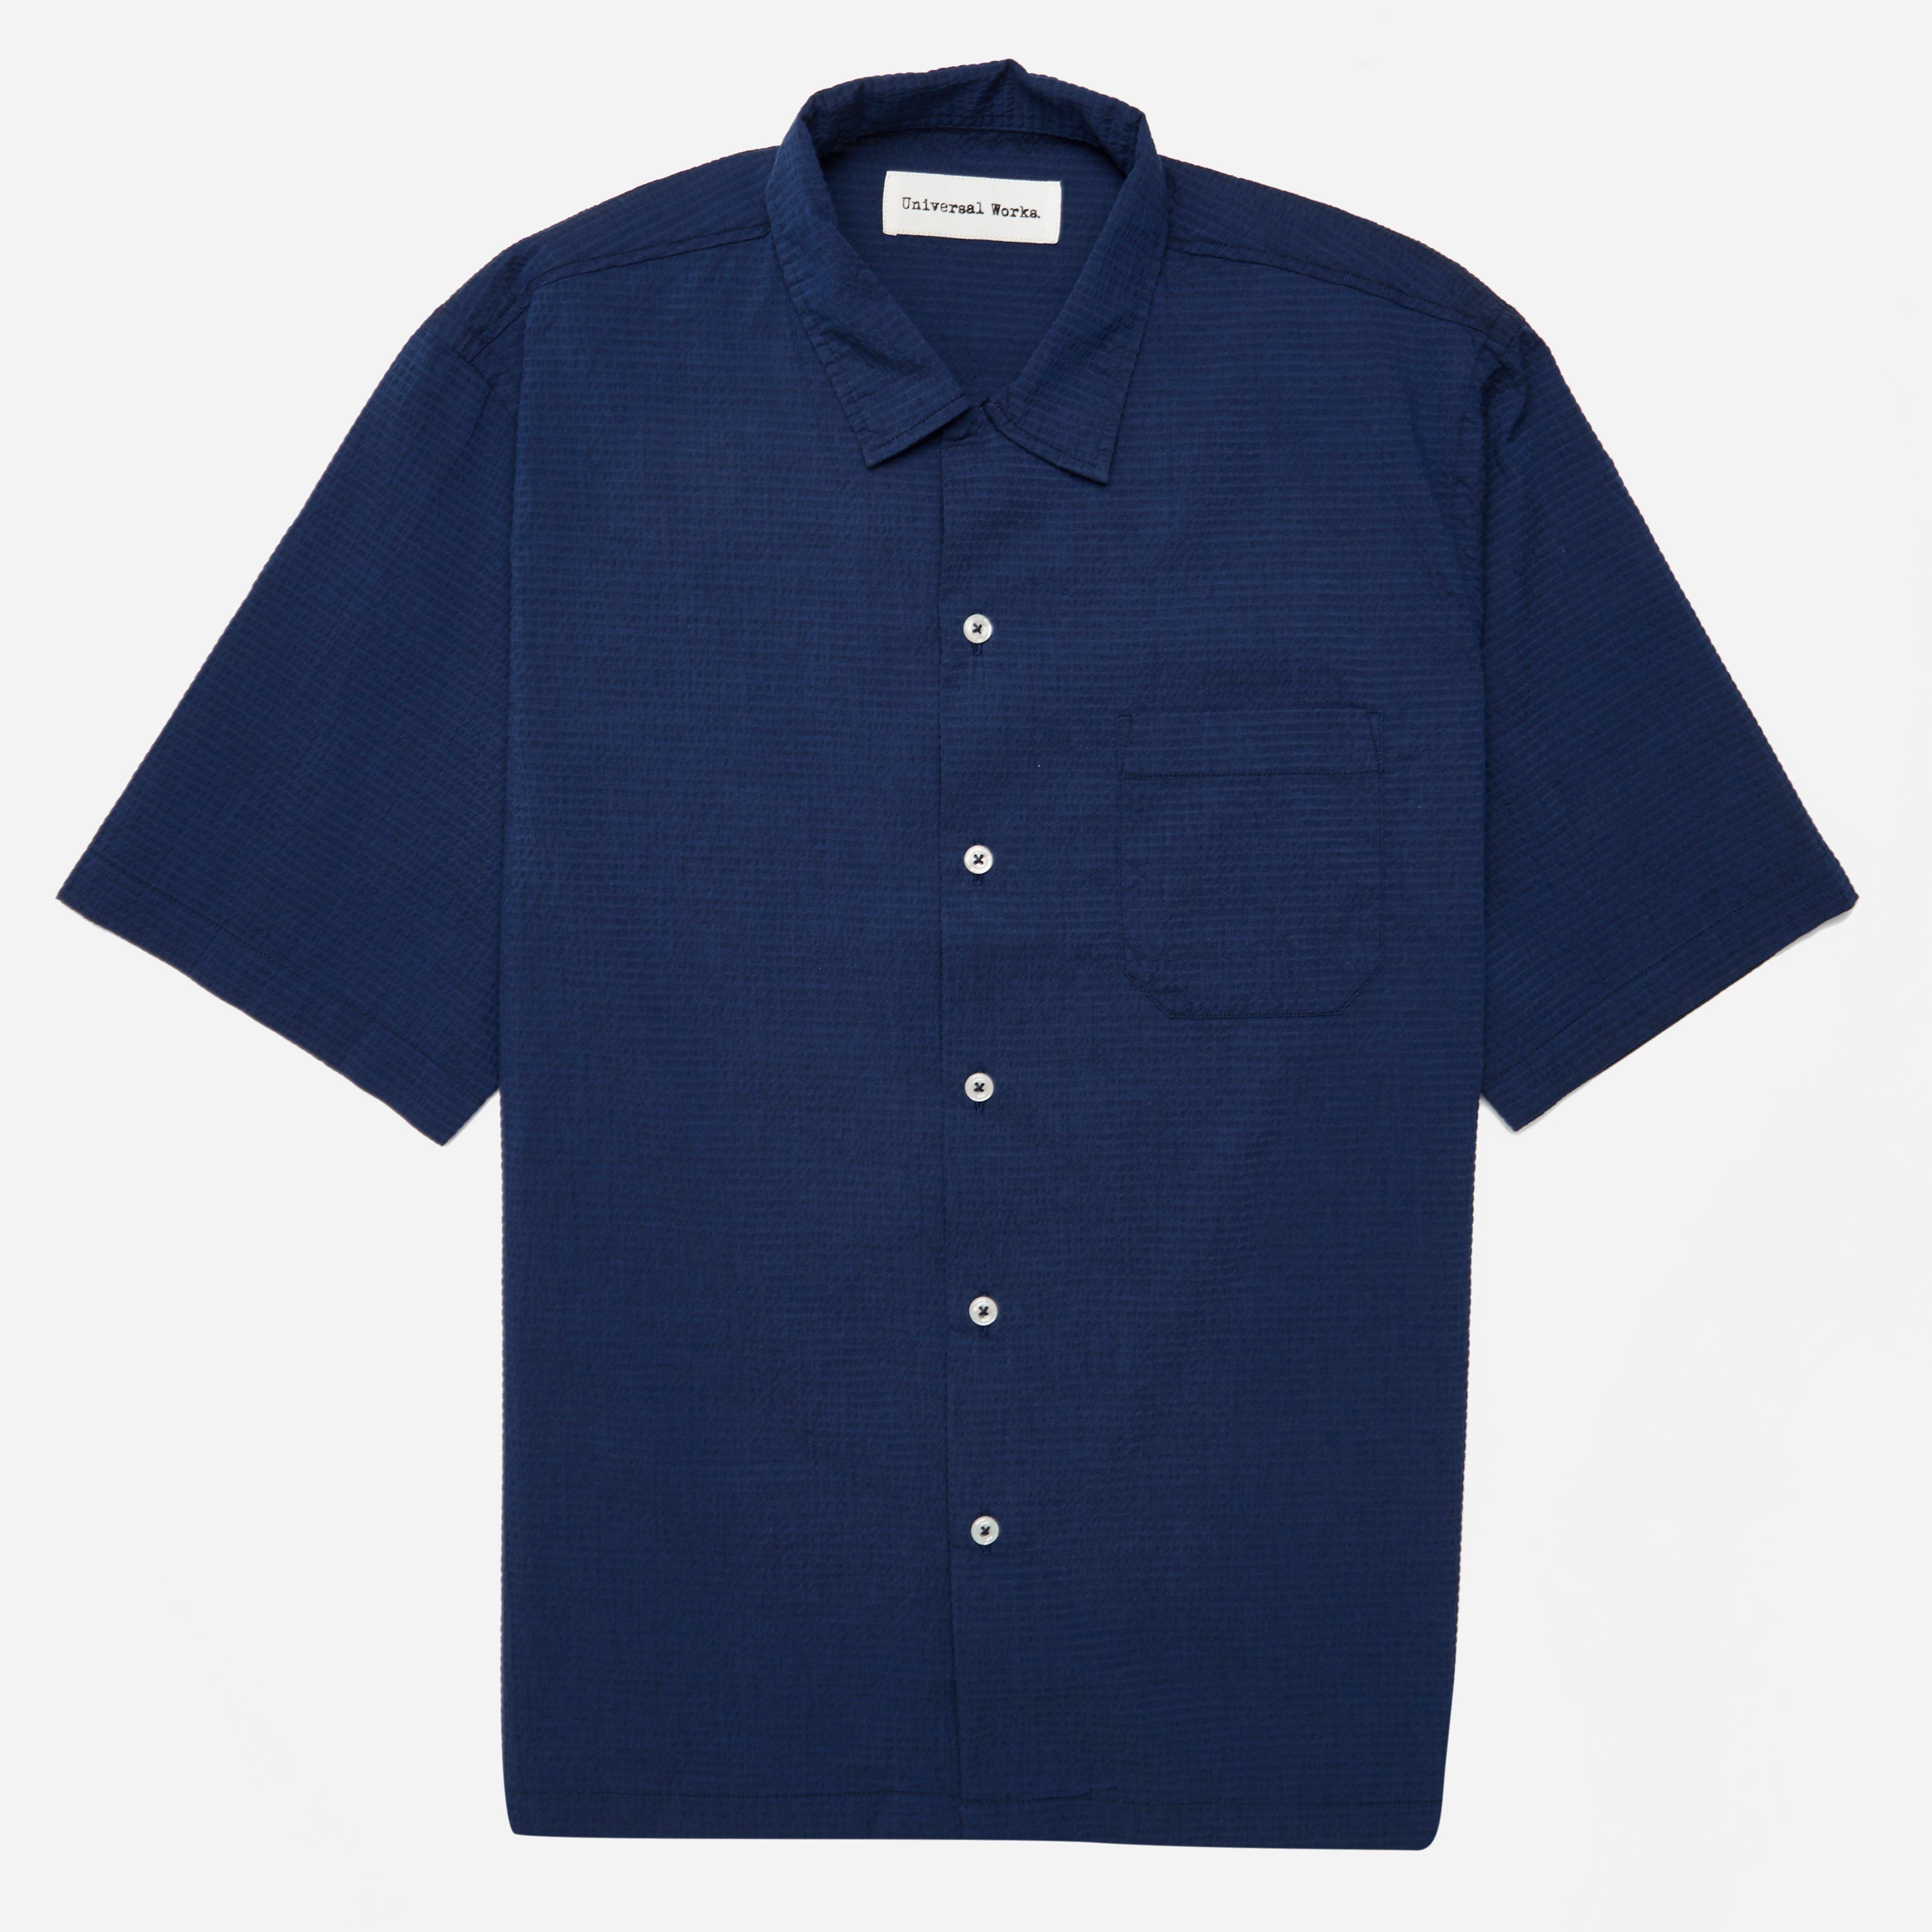 Universal Works Mambo Cotton Road Shirt